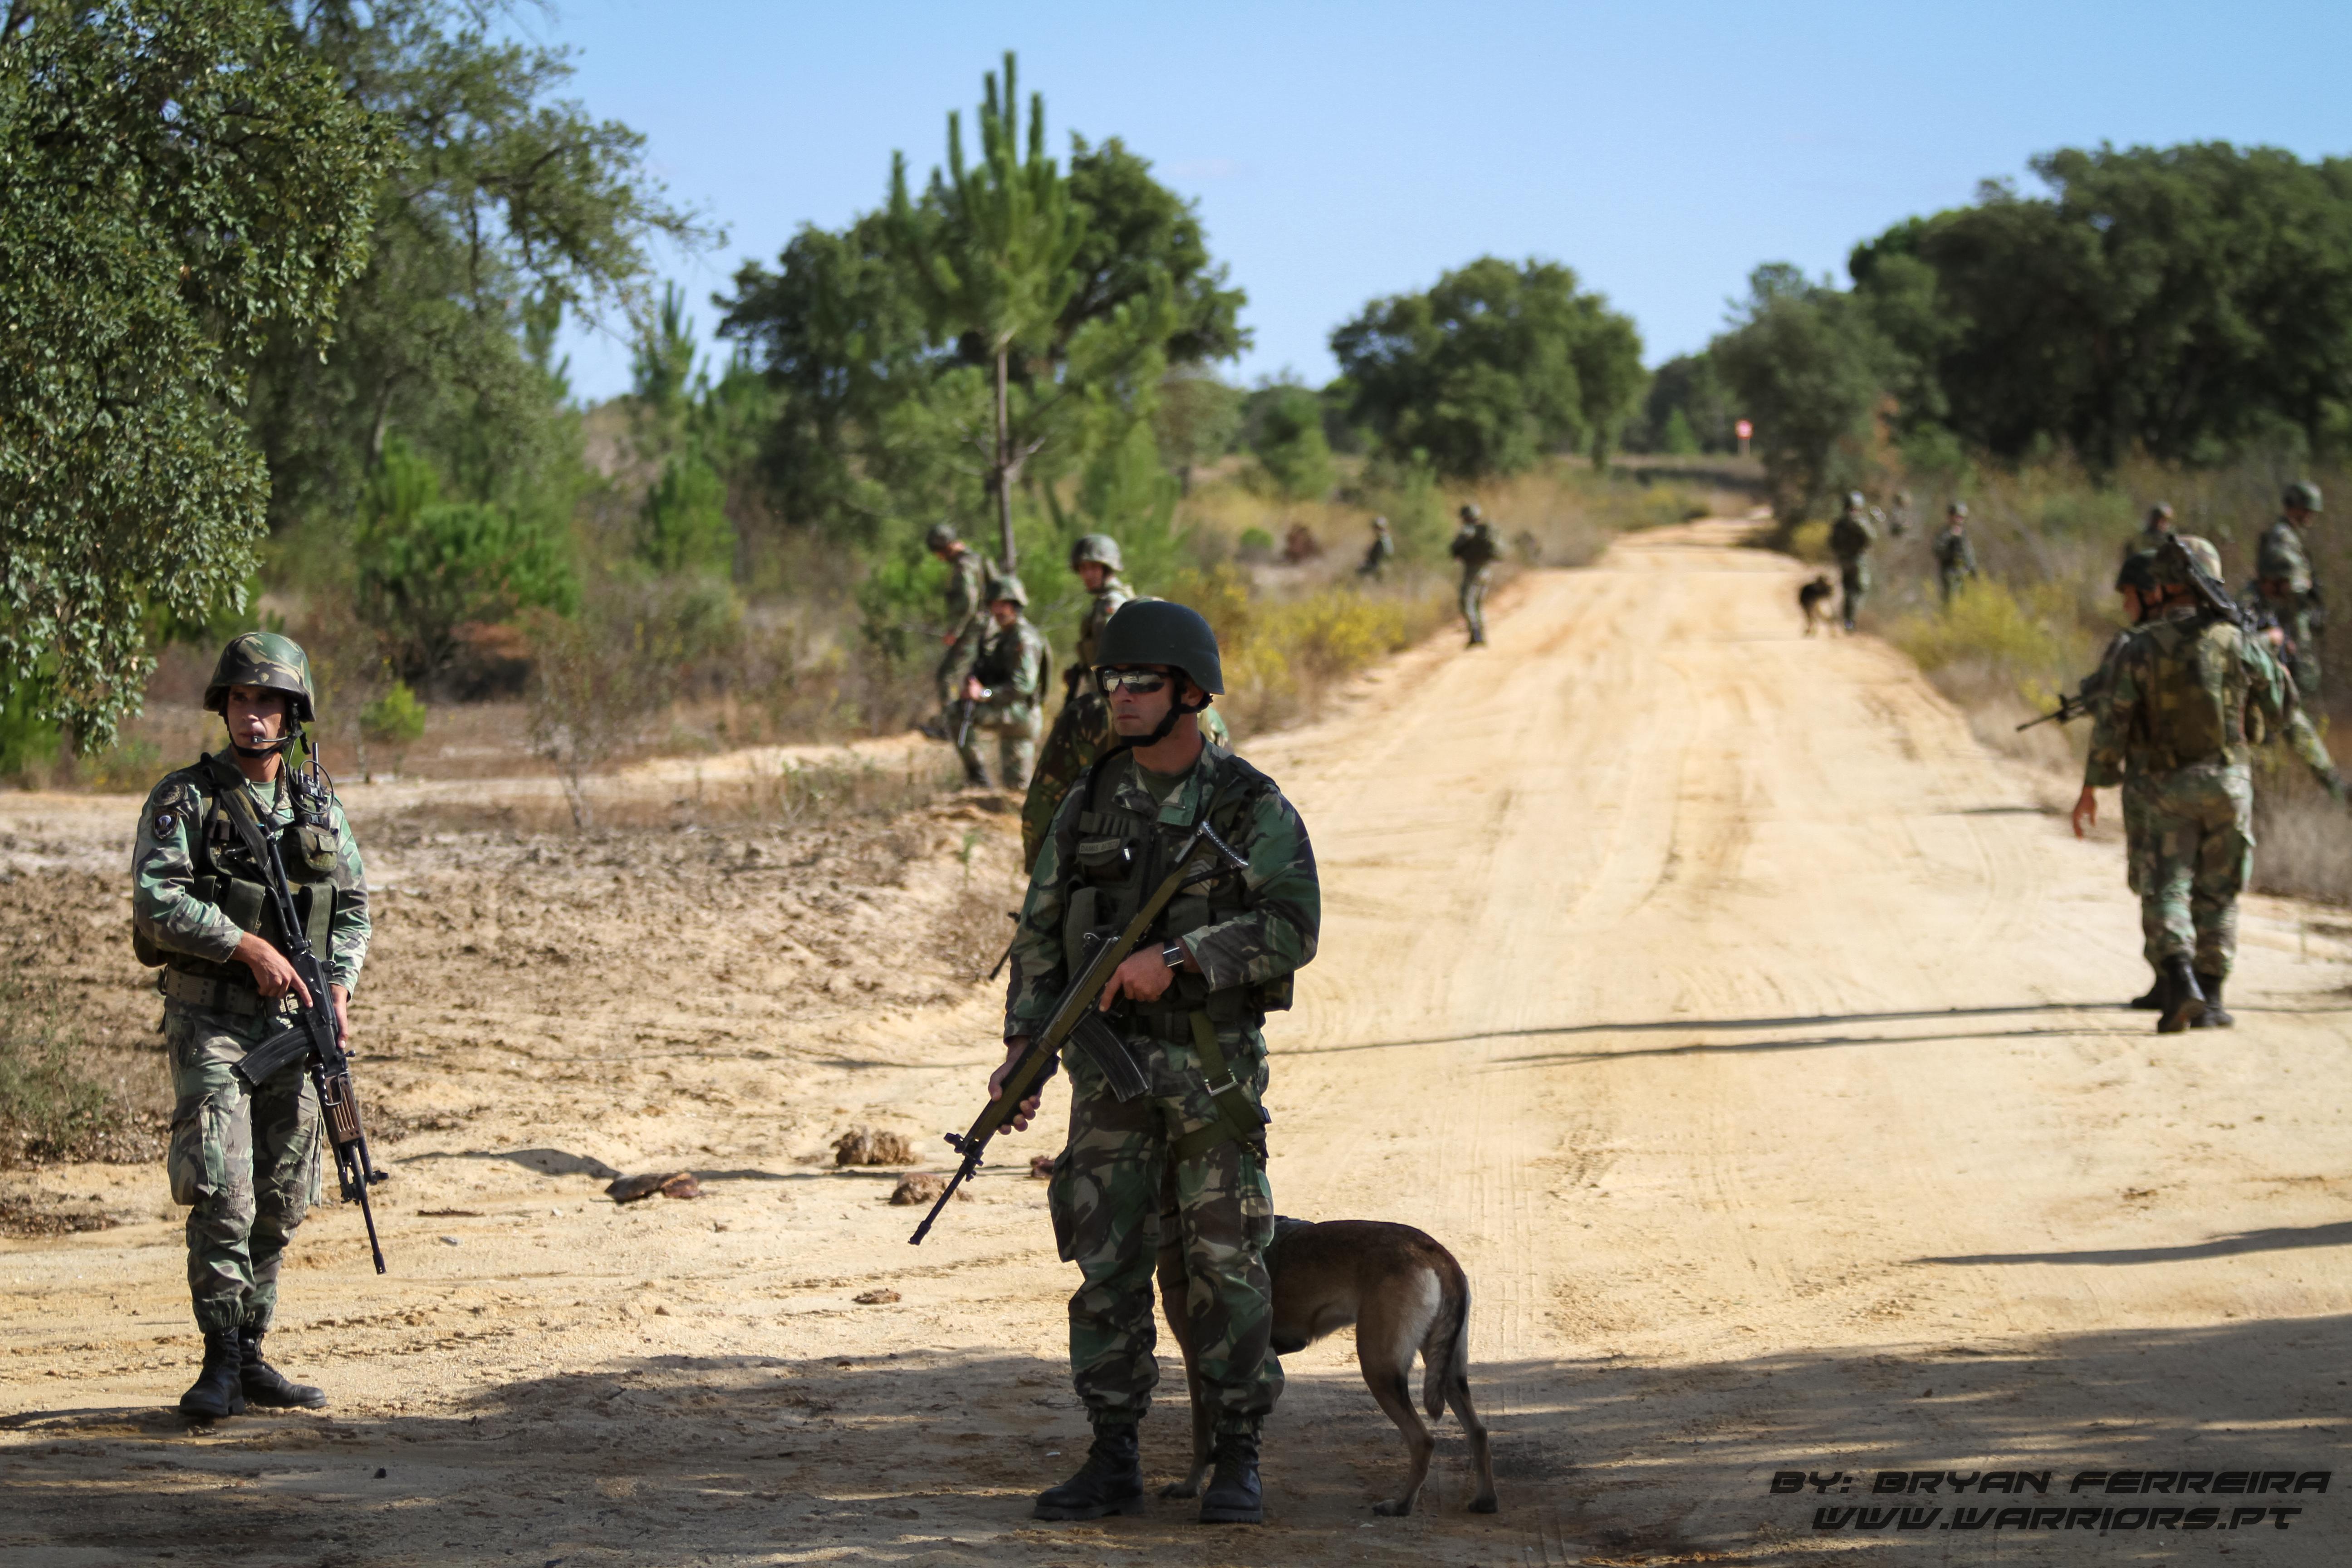 Paraquedistas 2º Batalhão Português em Patrulha, estão armadas da Espingarda de Assalto Galil e contam com o apoio de um Pastor Belga da Secção de Cães de Guerra Paraquedistas